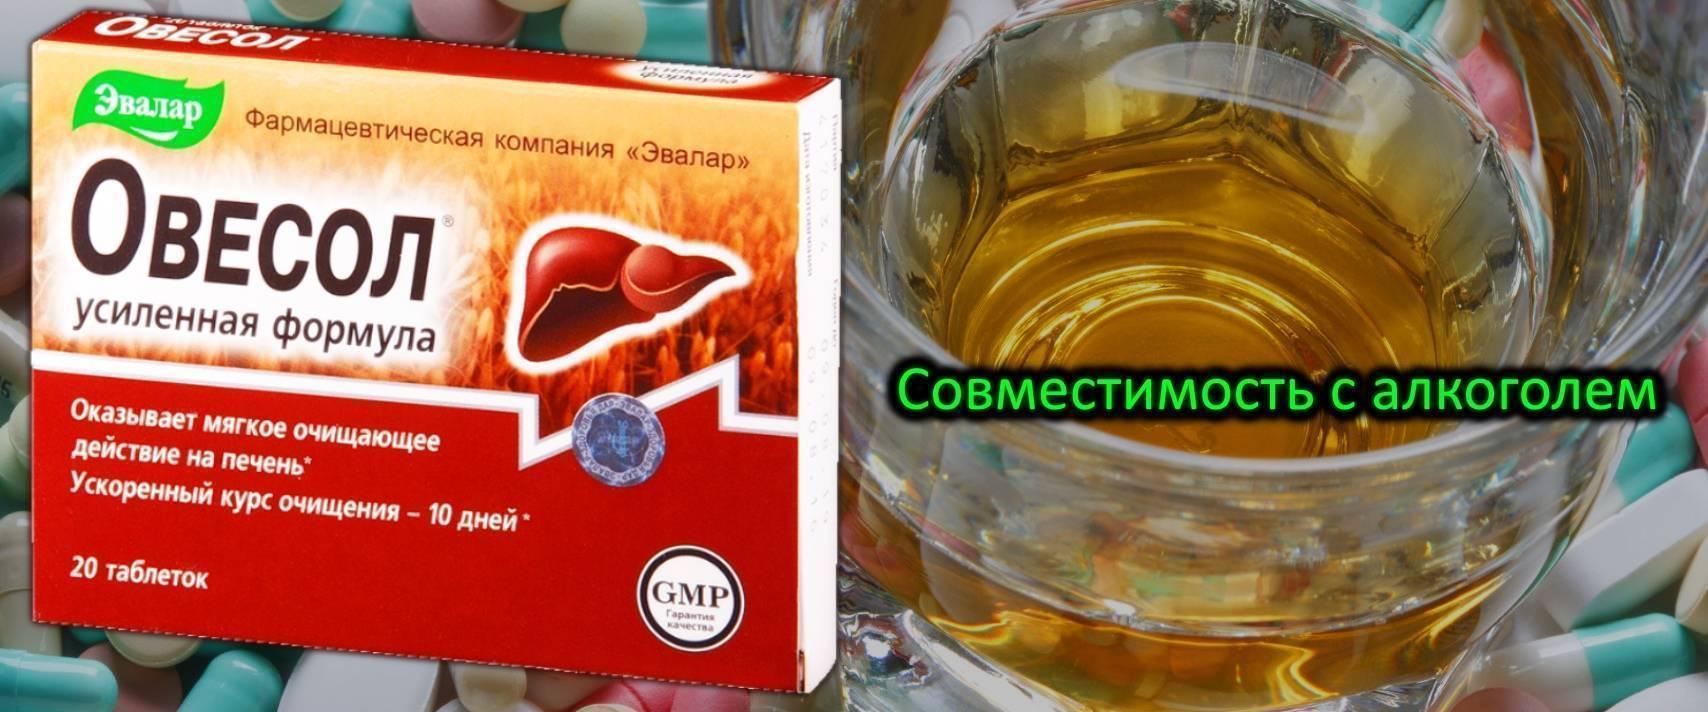 Совместимость эссенциале форте с алкоголем: можно или нет